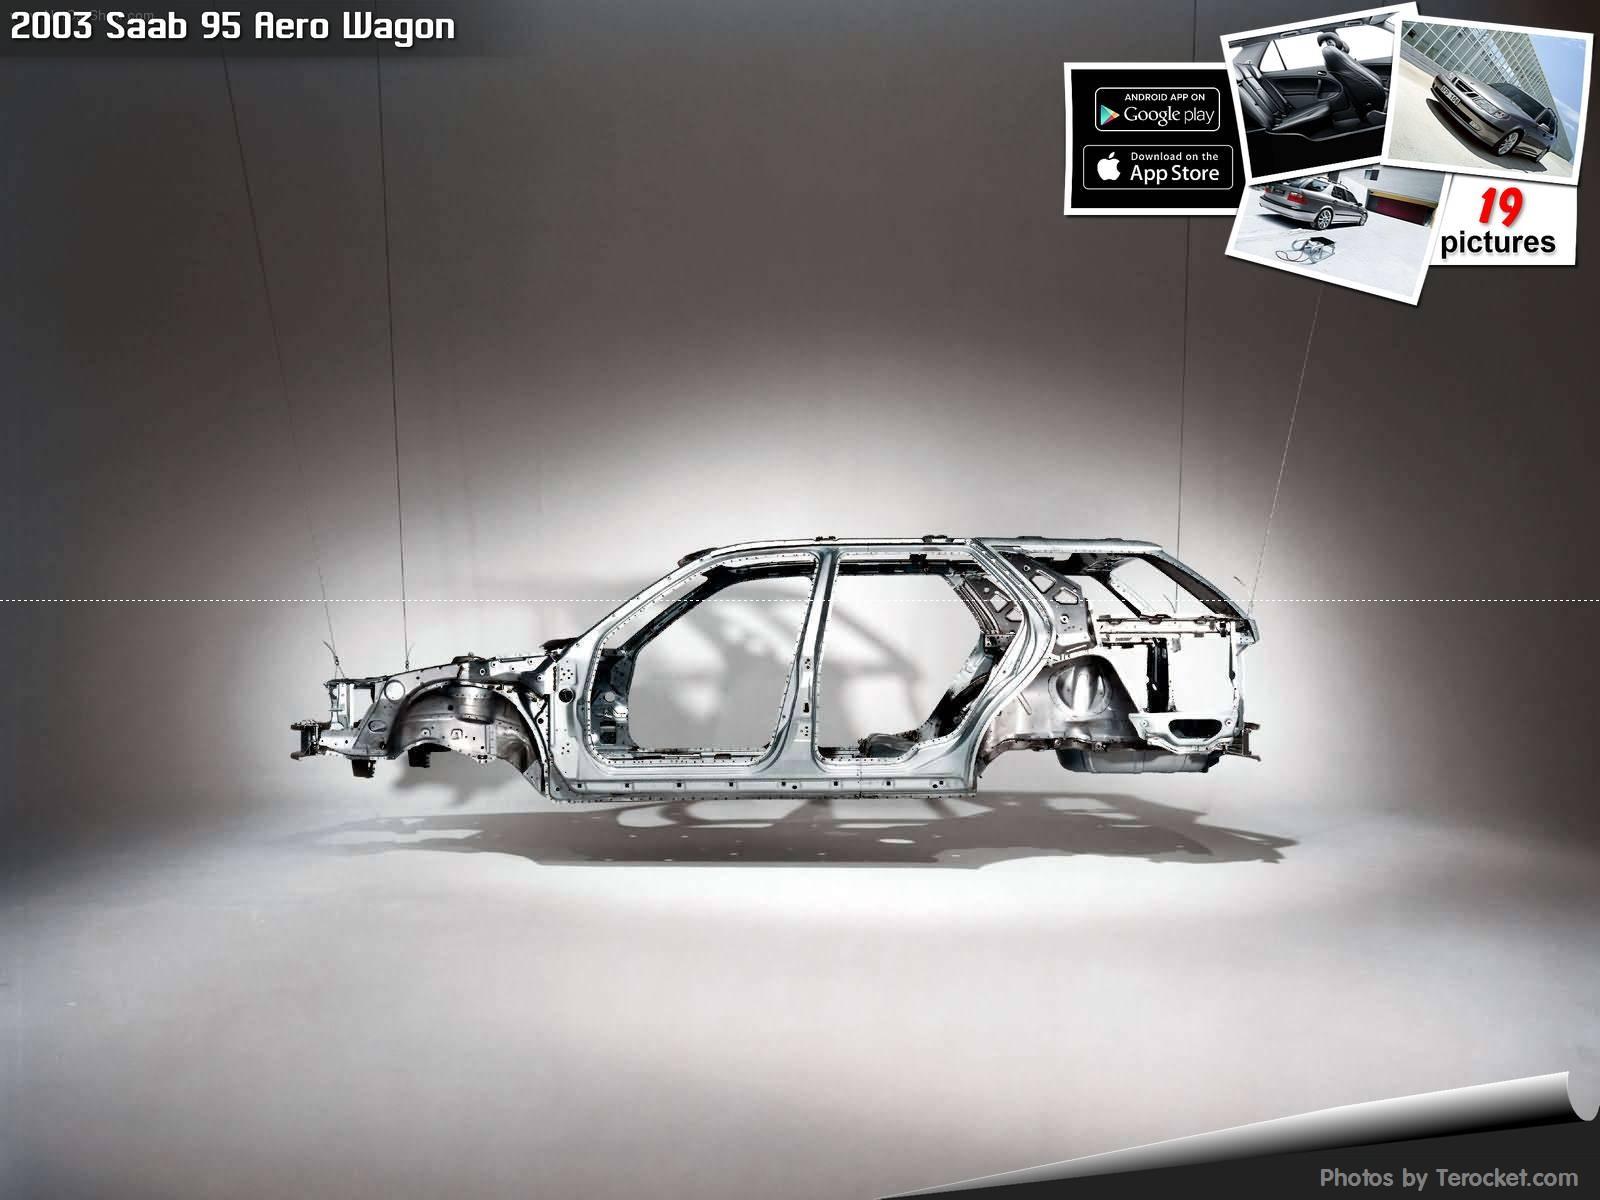 Hình ảnh xe ô tô Saab 95 Aero Wagon 2003 & nội ngoại thất